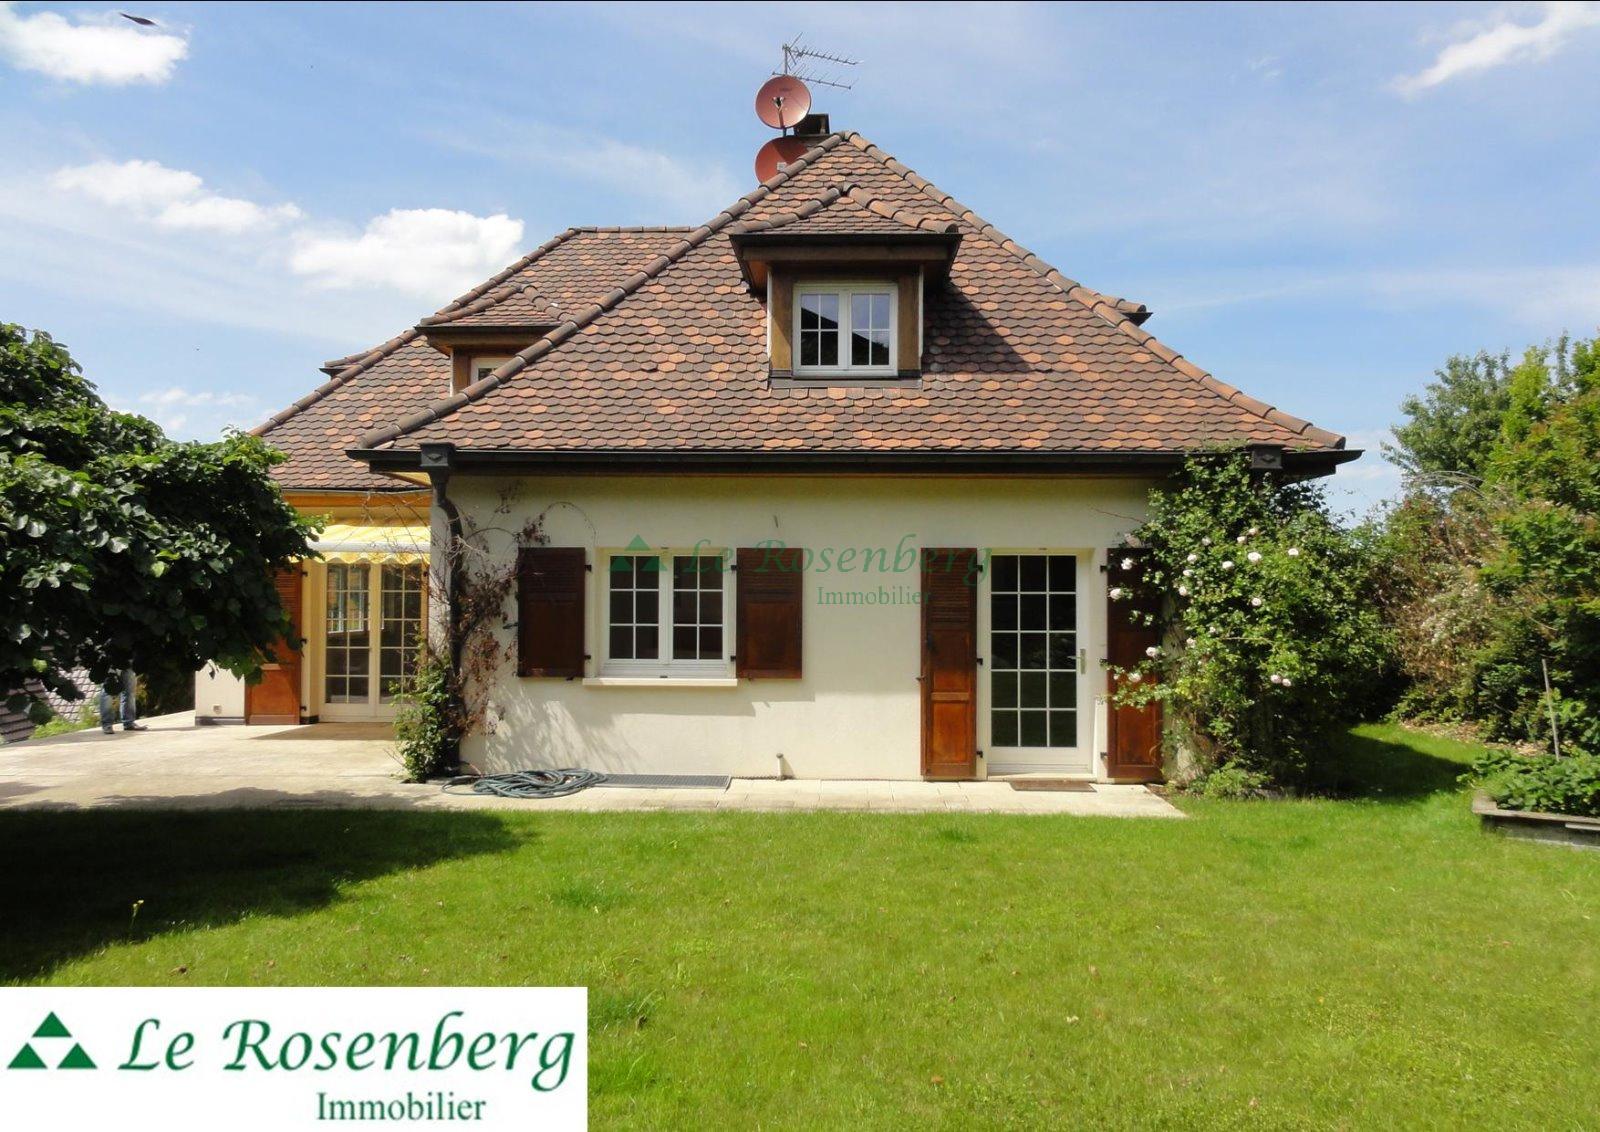 Annonce location maison leymen 68220 190 m 2 350 for Annonces de location de maison